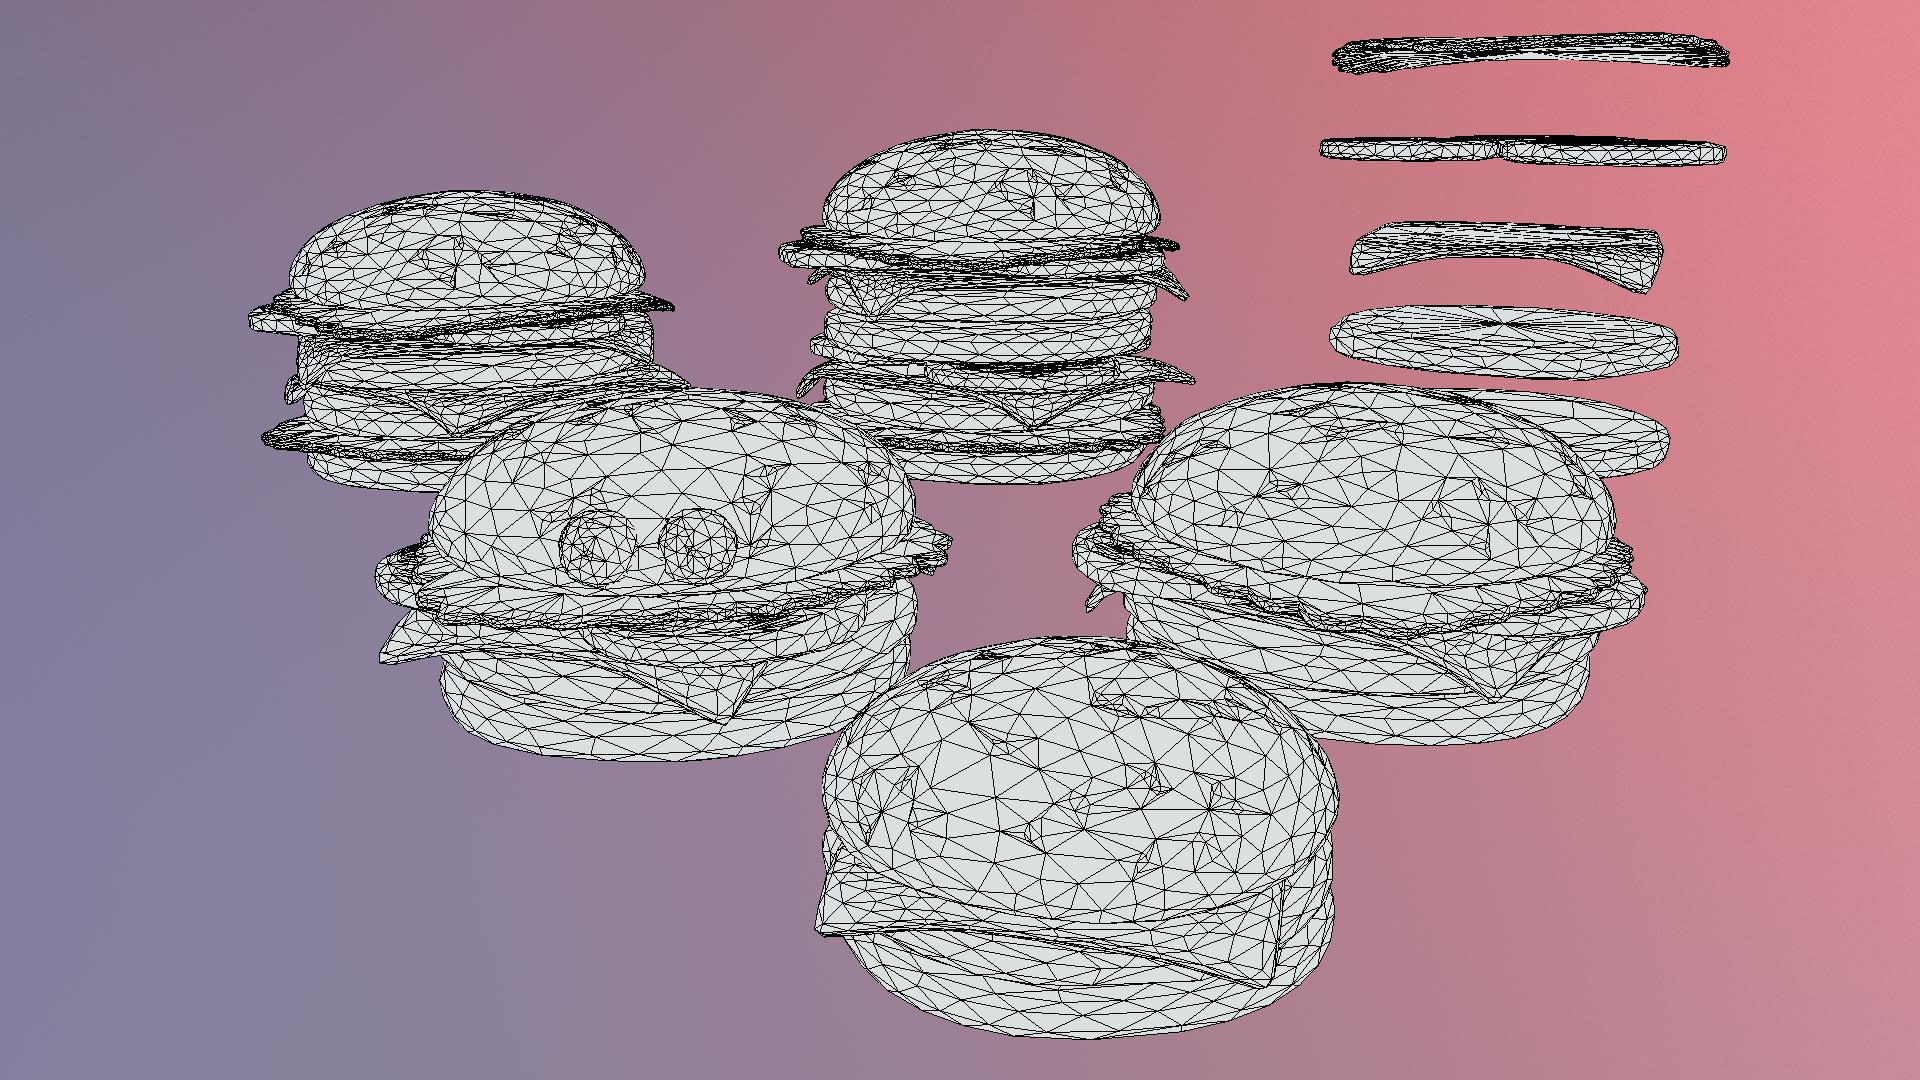 lowpolyart hamburger cheeseburger graditelj 3d model 3ds max fbx jpeg jpg ma mb tekstura obj 269558